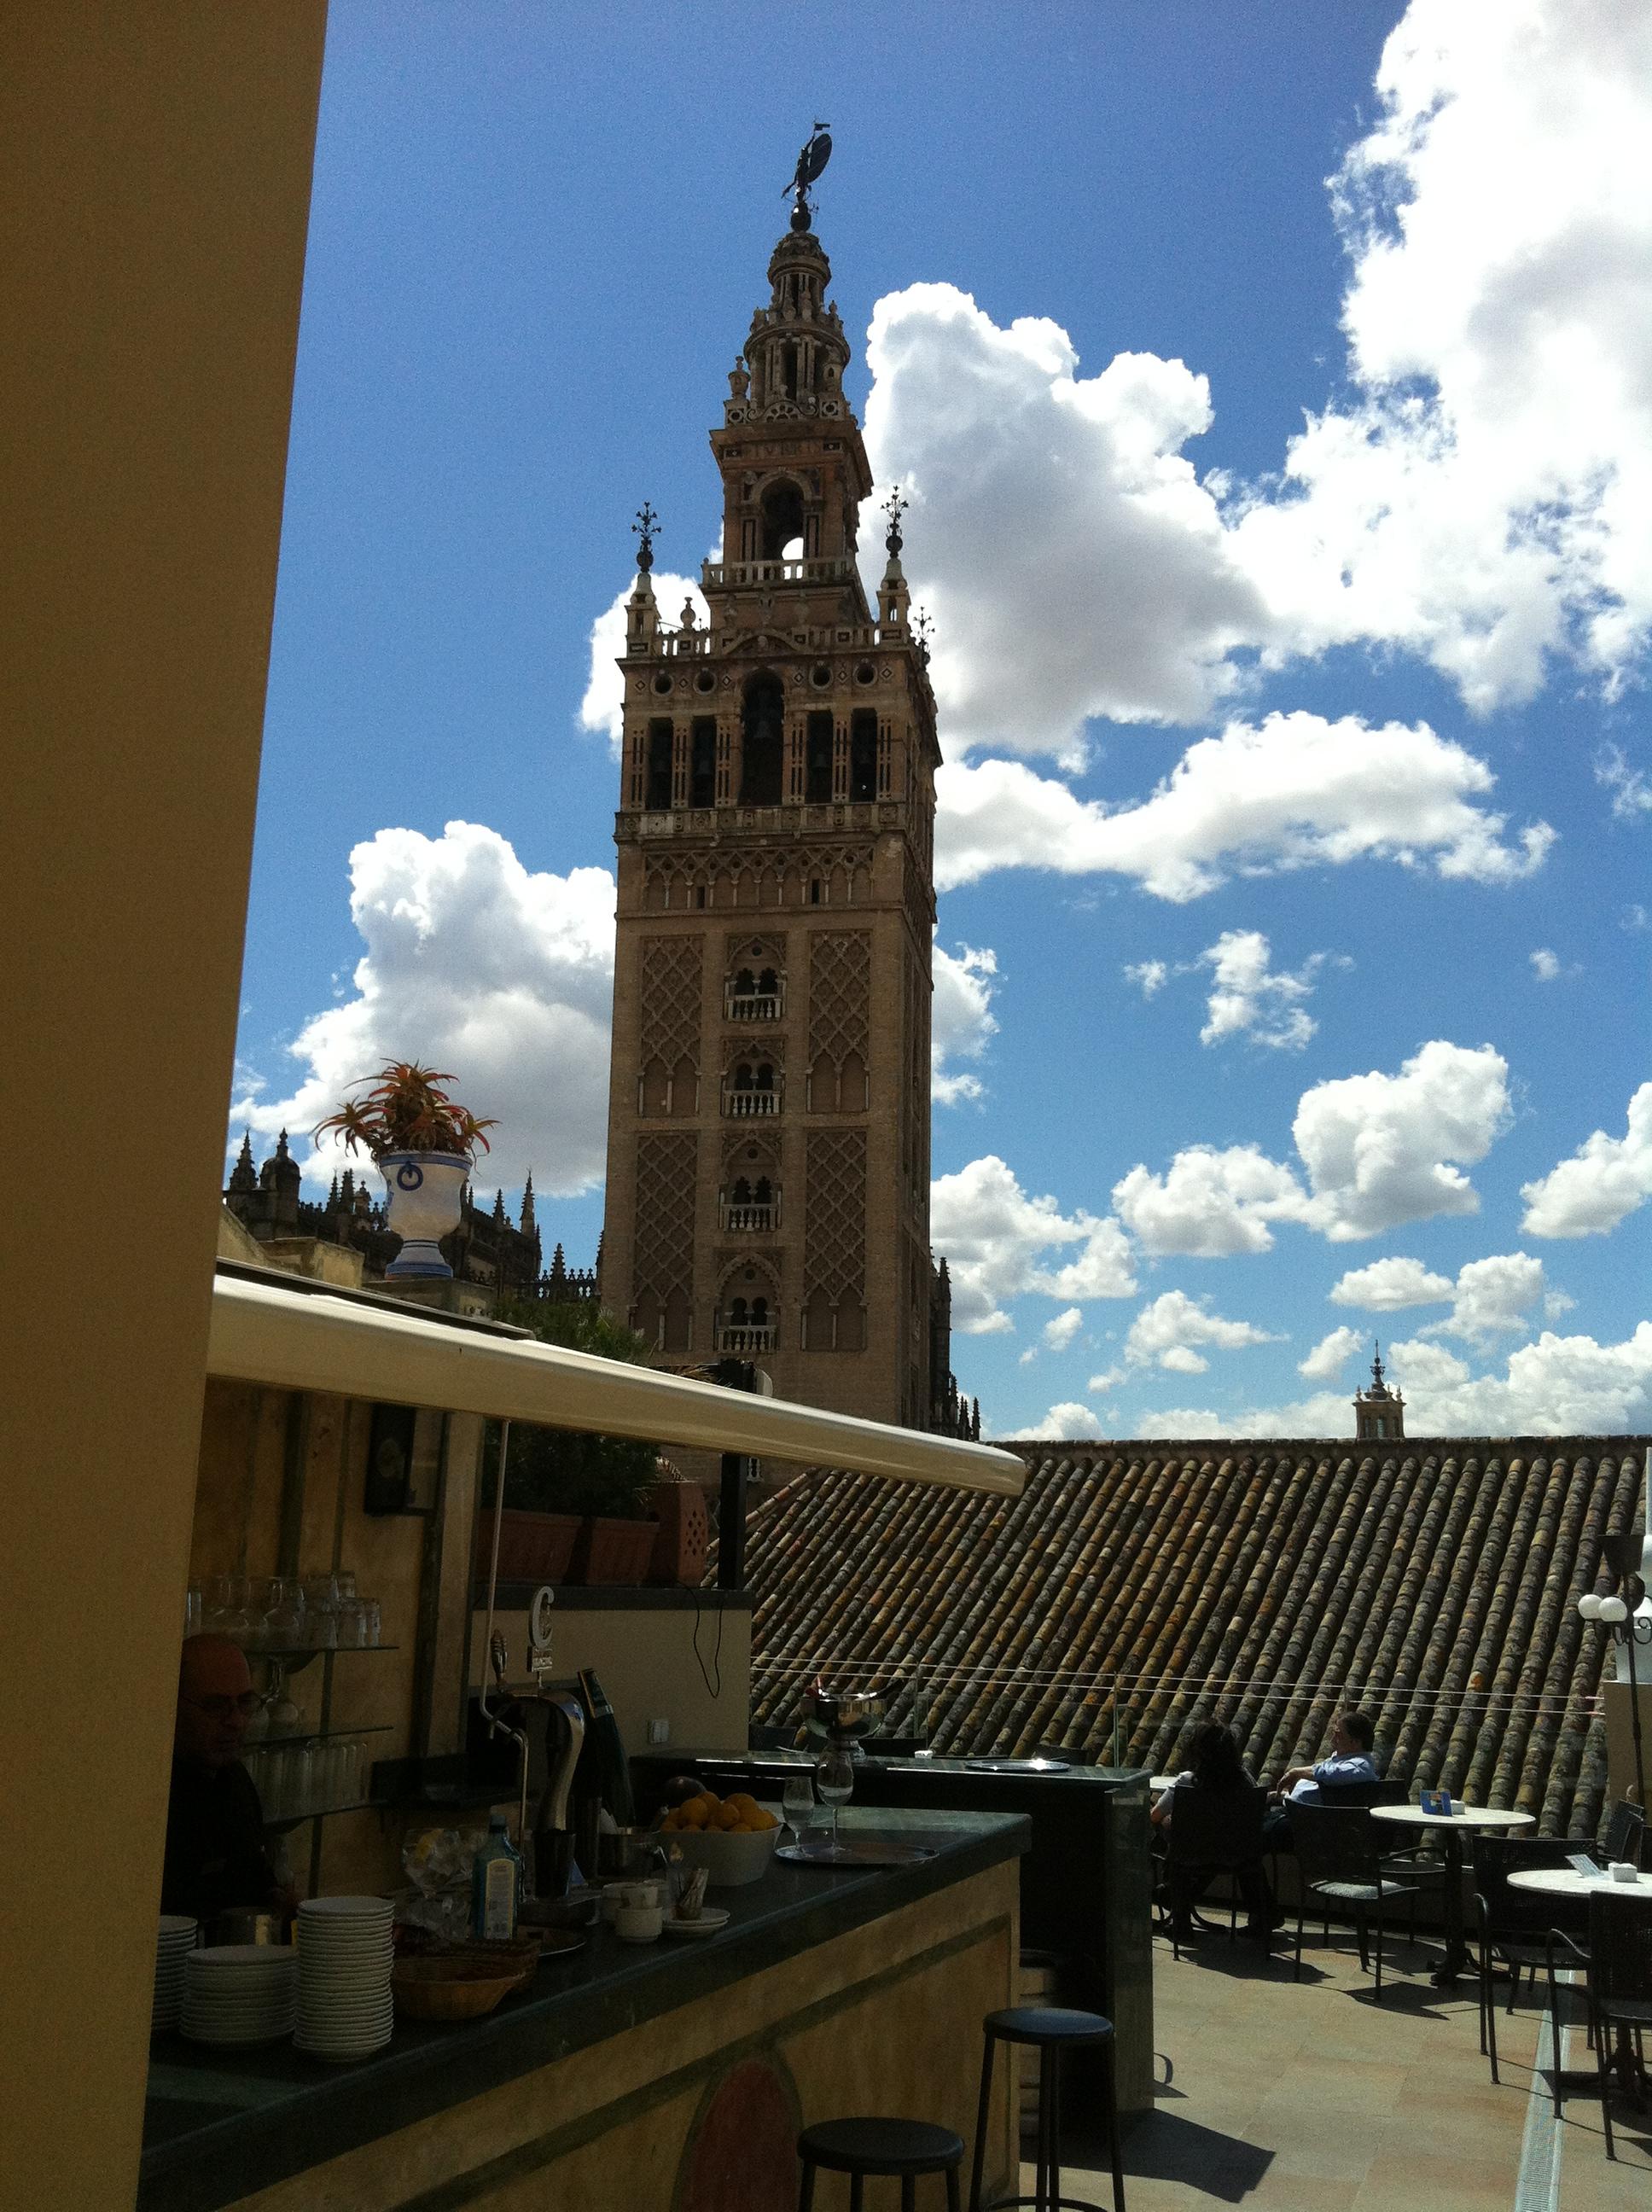 Las mejores terrazas de hoteles viajes al alcance de todos - Terraza hotel eme ...